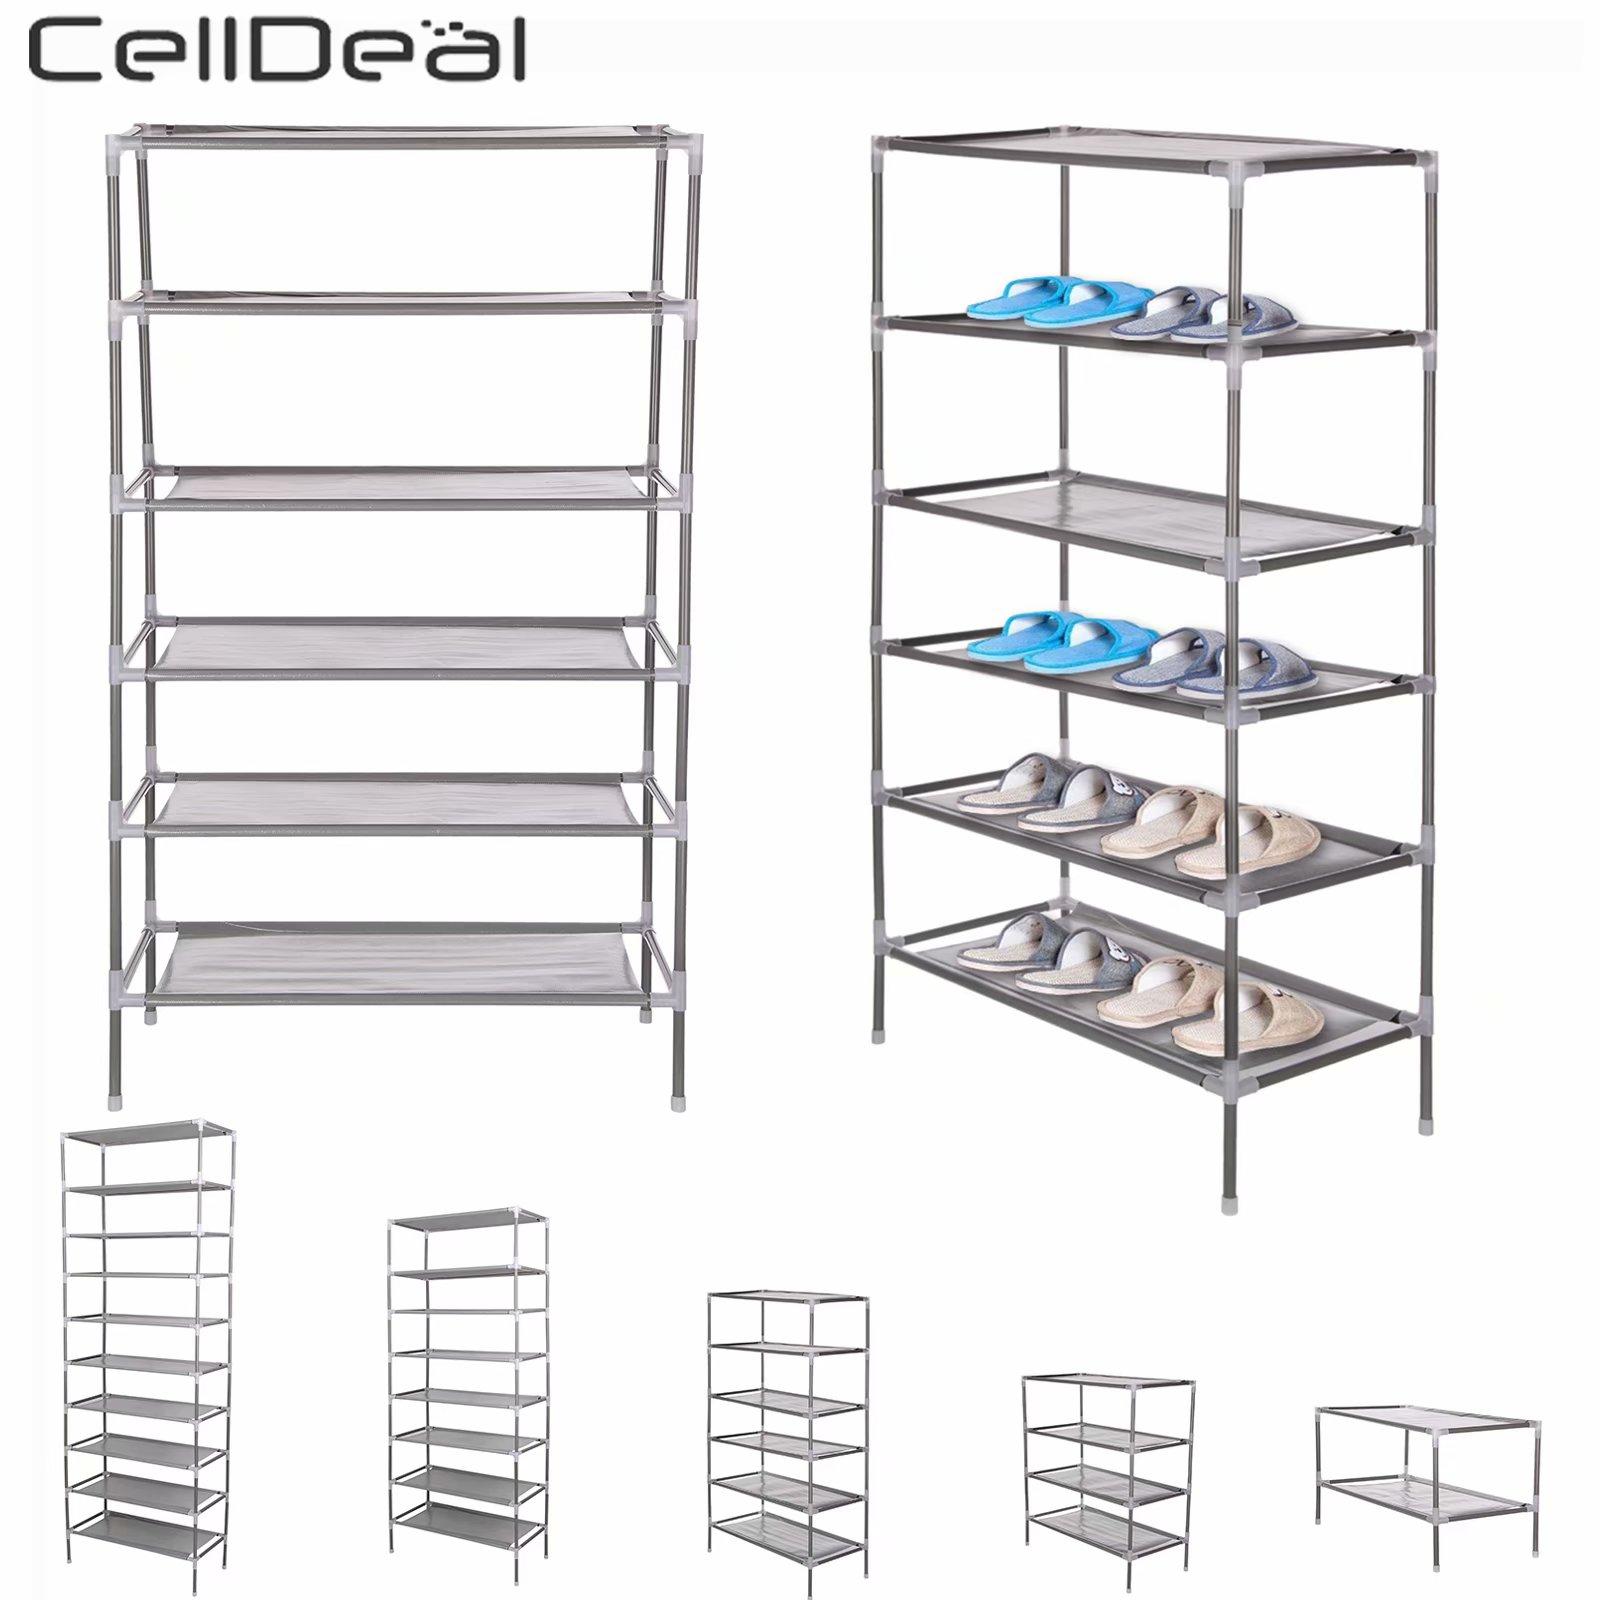 Celldeal 2/4/6/8/10 camadas de tecido não tecido dustproof sapato rack armazenamento organizador capa armário prateleira 6/12/18/24/30 pares